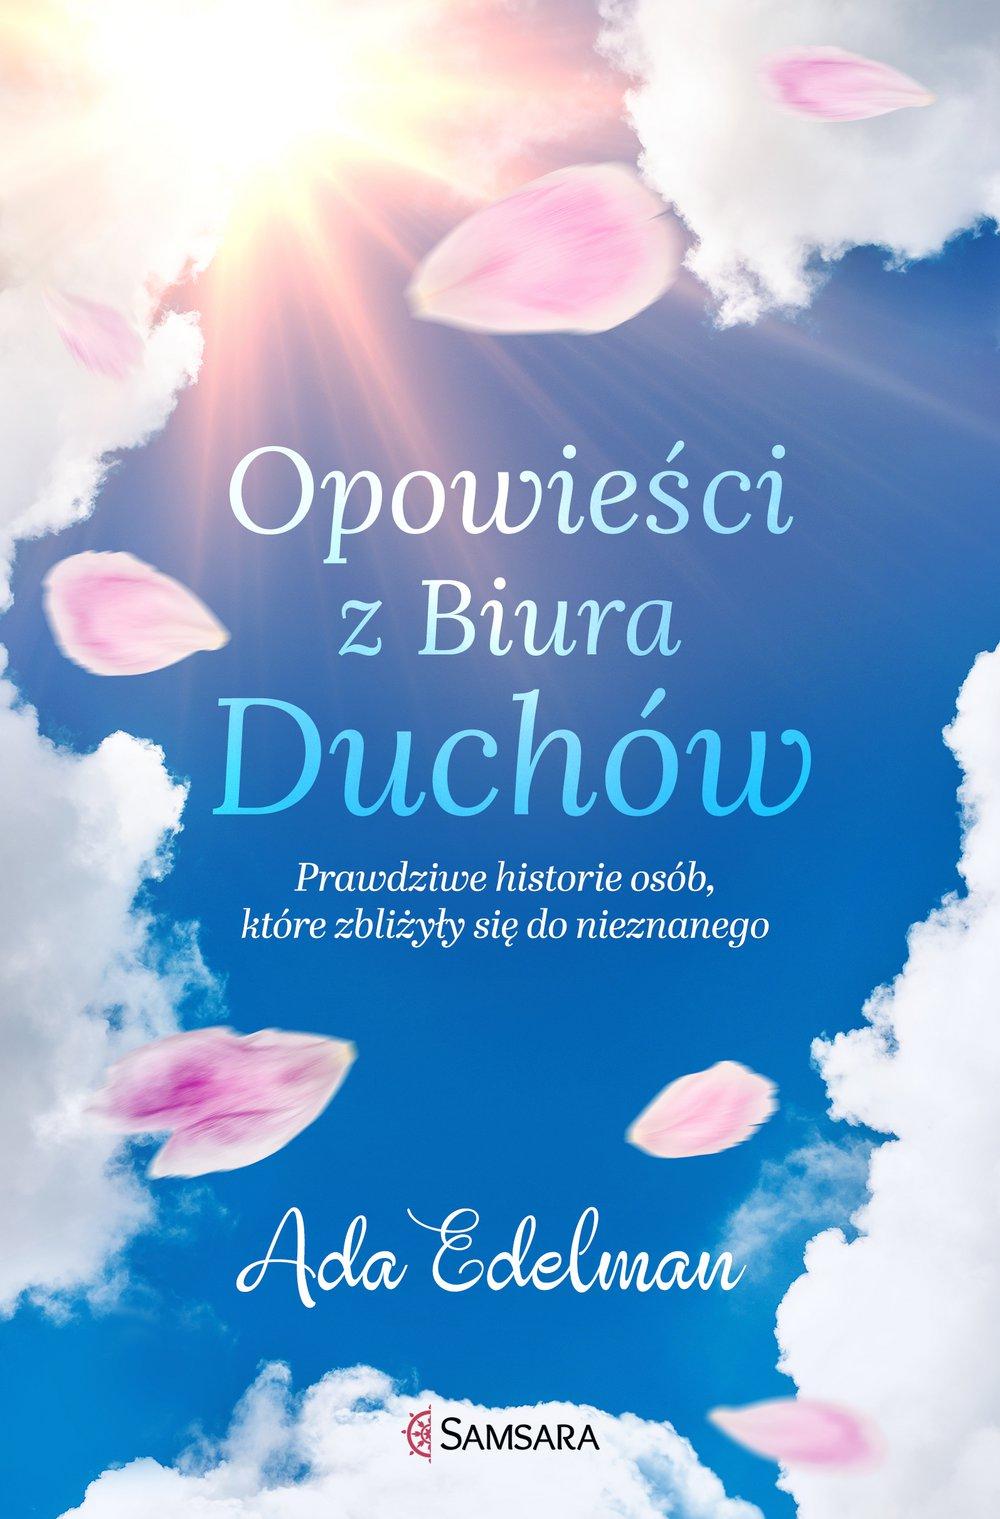 Opowieści z Biura Duchów. Prawdziwe historie osób, które zbliżyły się do nieznanego - Ebook (Książka EPUB) do pobrania w formacie EPUB